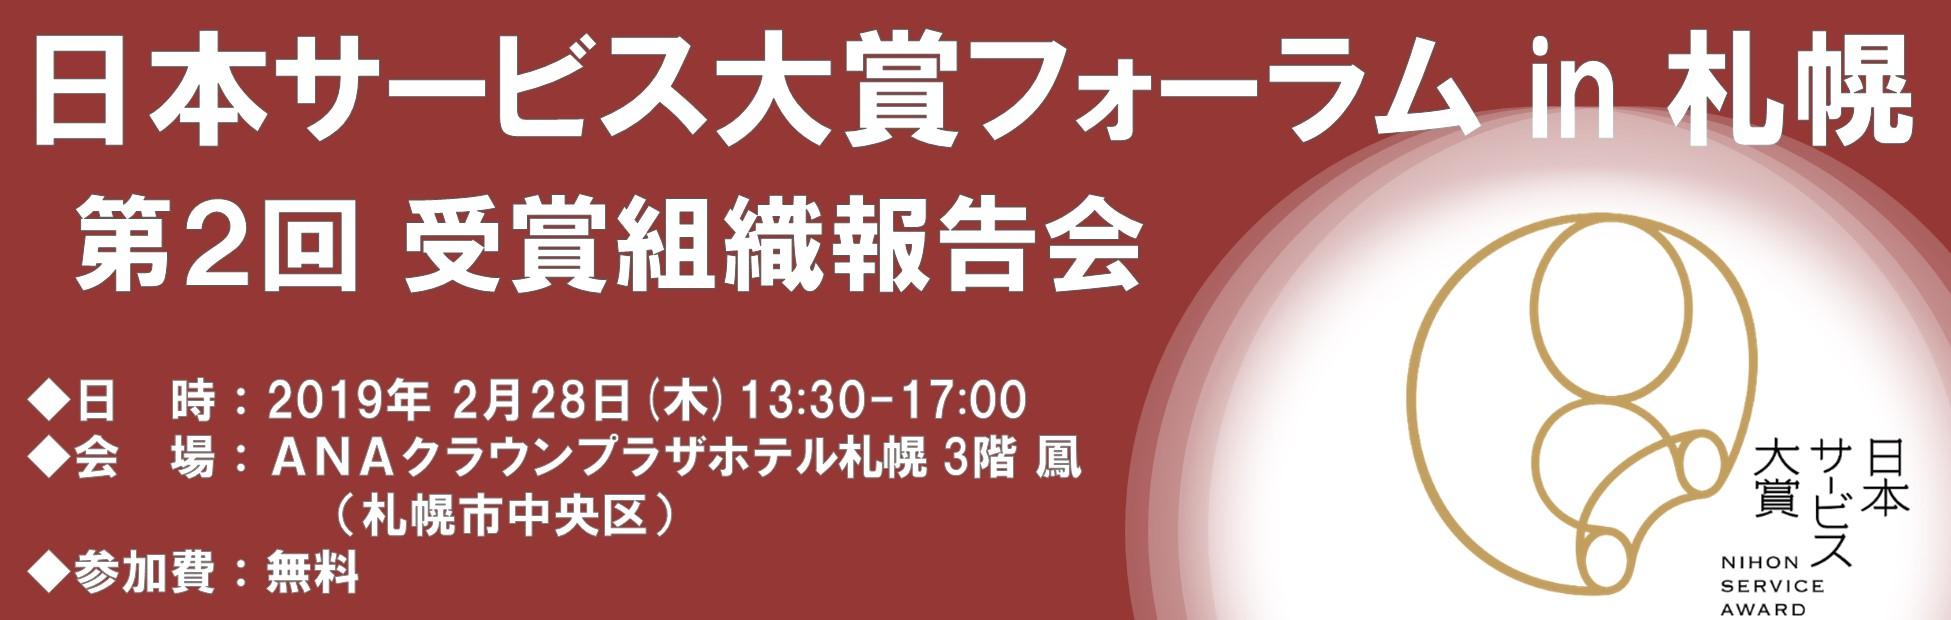 日本サービス大賞フォーラム in 札幌